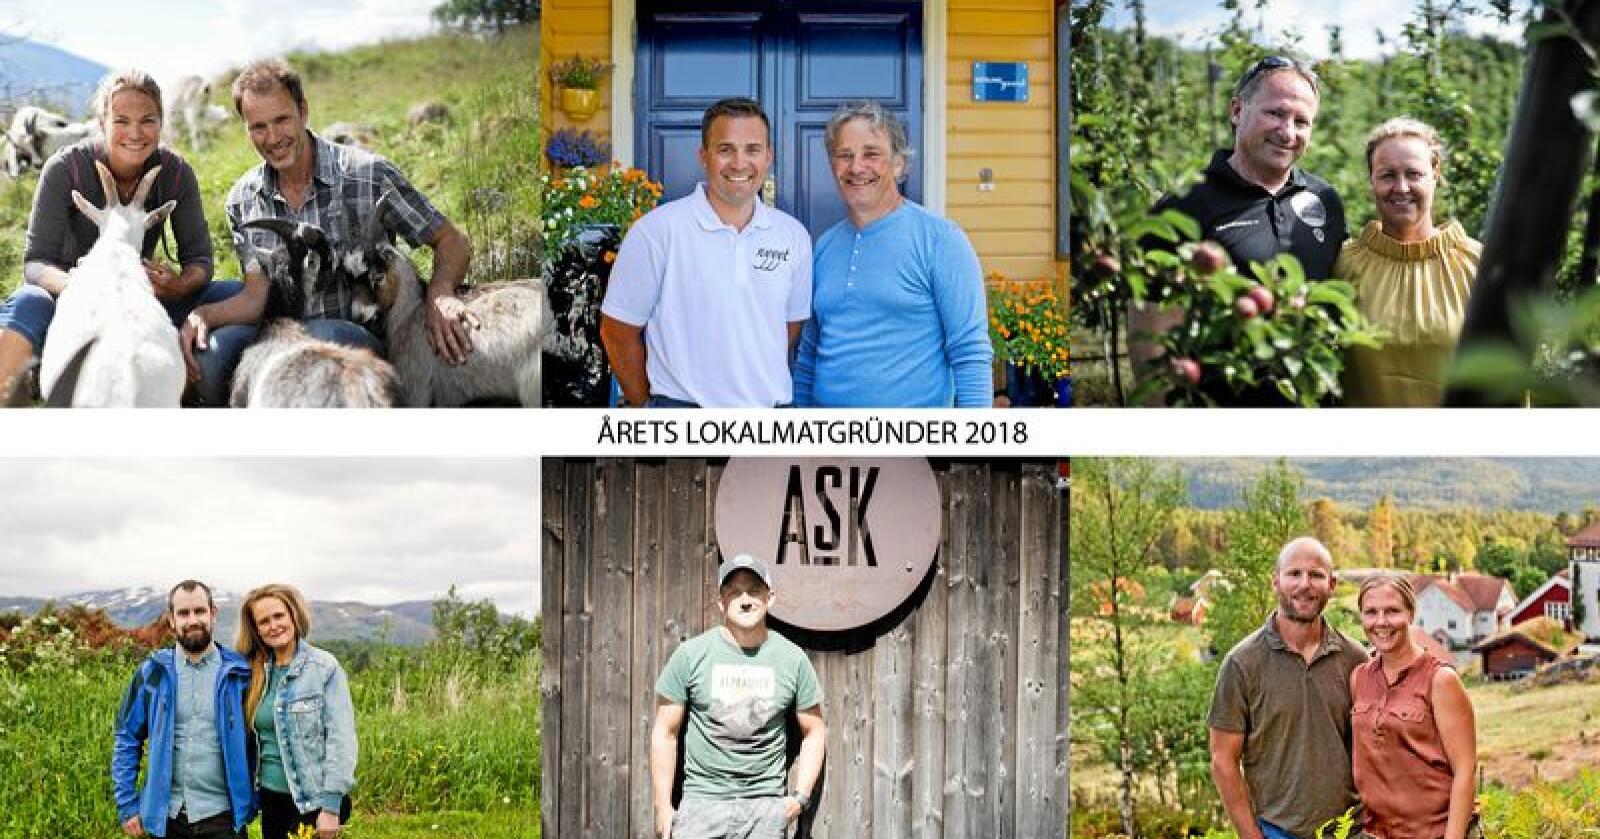 Dette er de seks kandidatene. Fra øverst til venstre: Heidrun, Nyyyt, Dyre gård. Nede fra venstre: Han Sylte, Ask gård og Røyland gård. Foto: Benjamin Hernes Vogl og Solfrid Sande